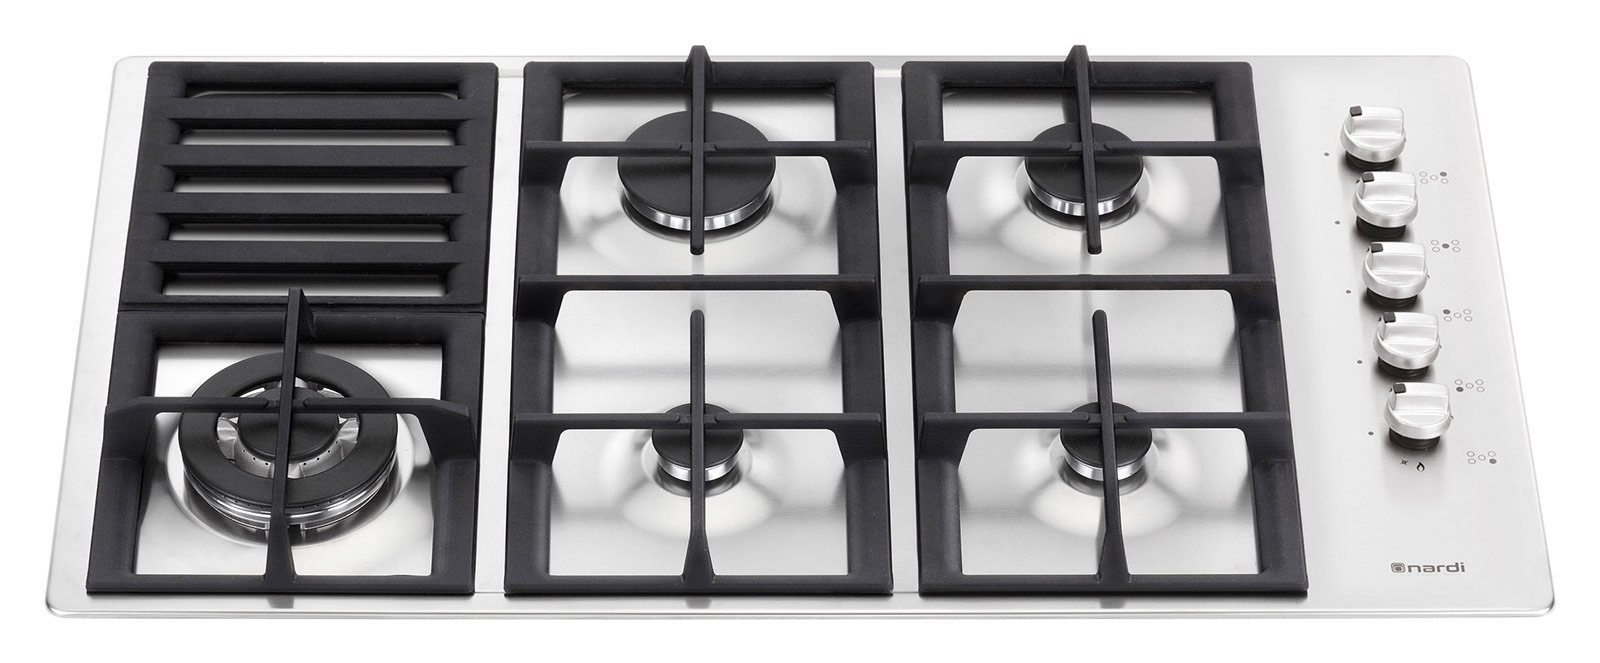 piani cottura a gas - cose di casa - Cucine 5 Fuochi